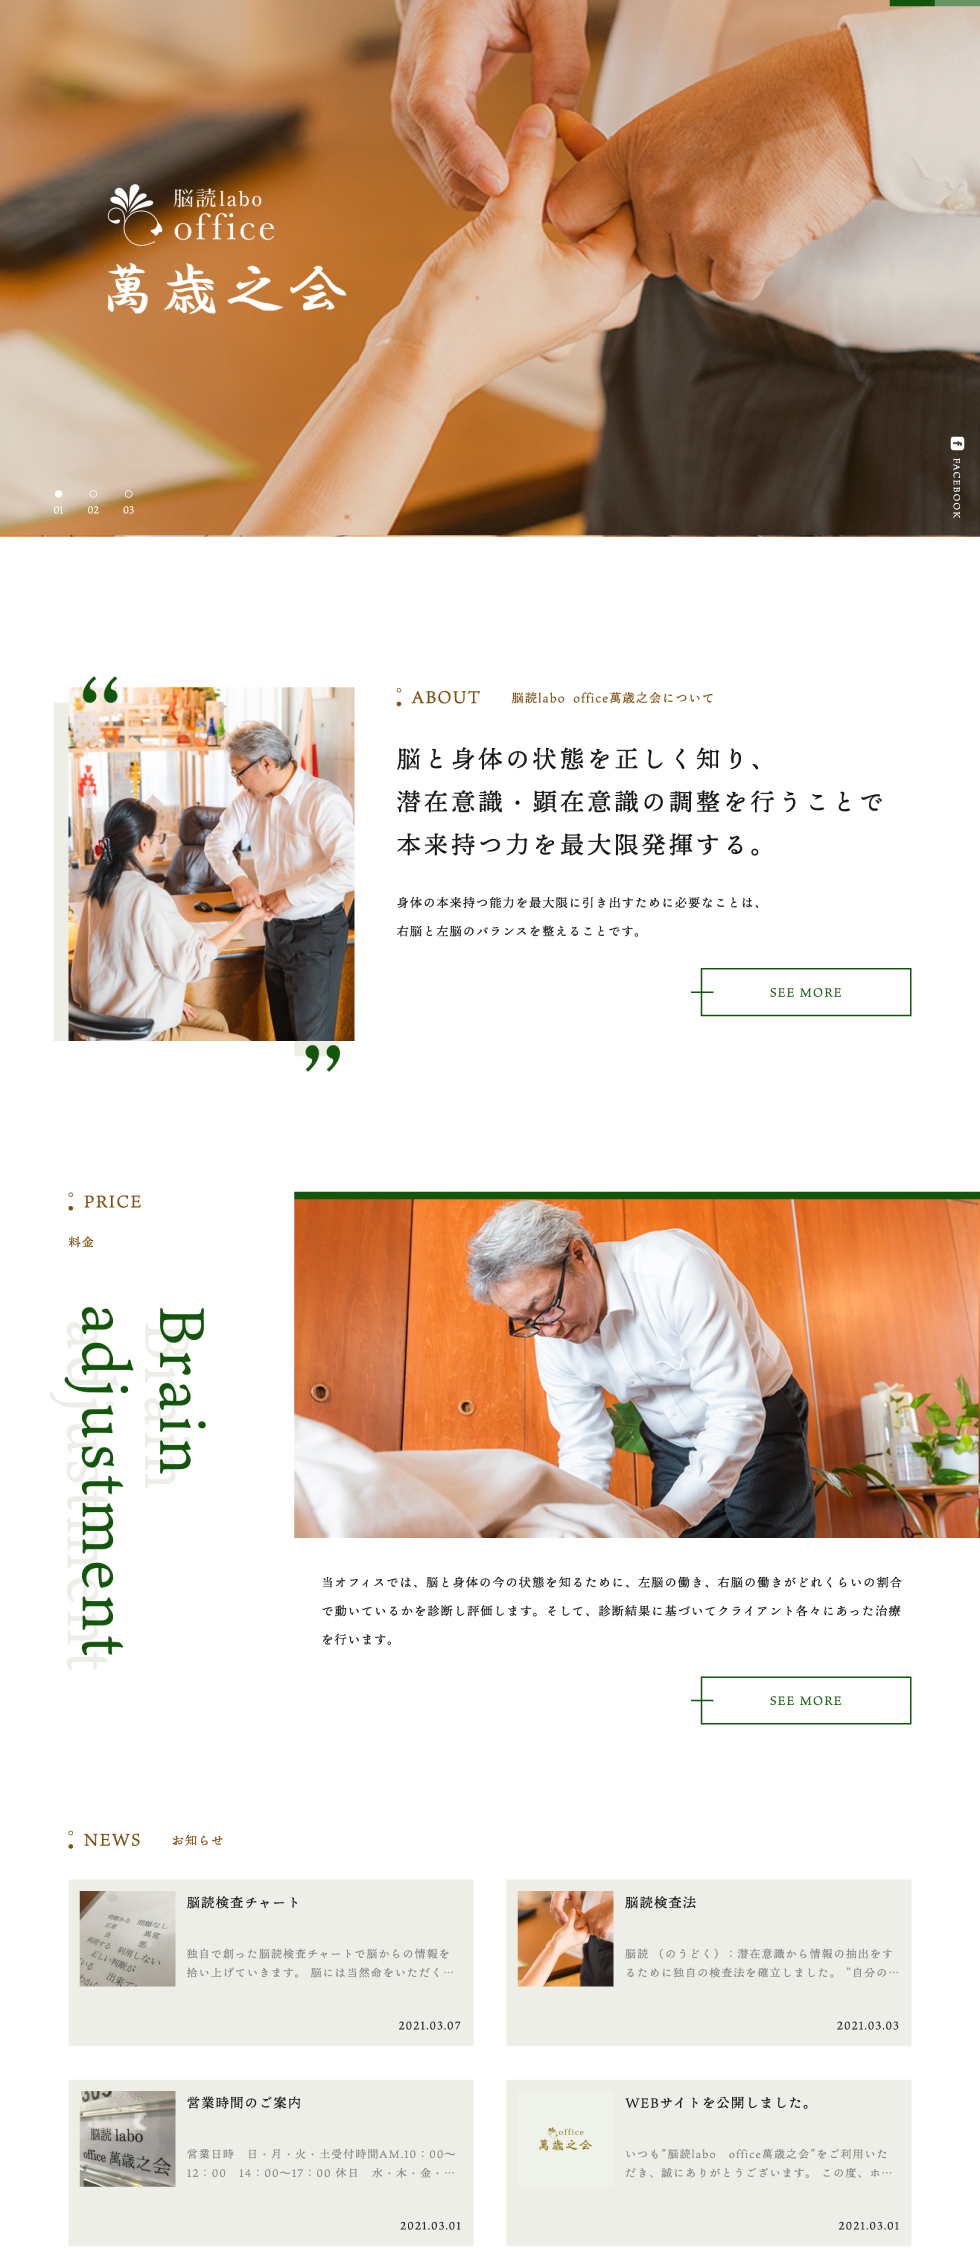 脳読labo Office萬歳之会サイトイメージ